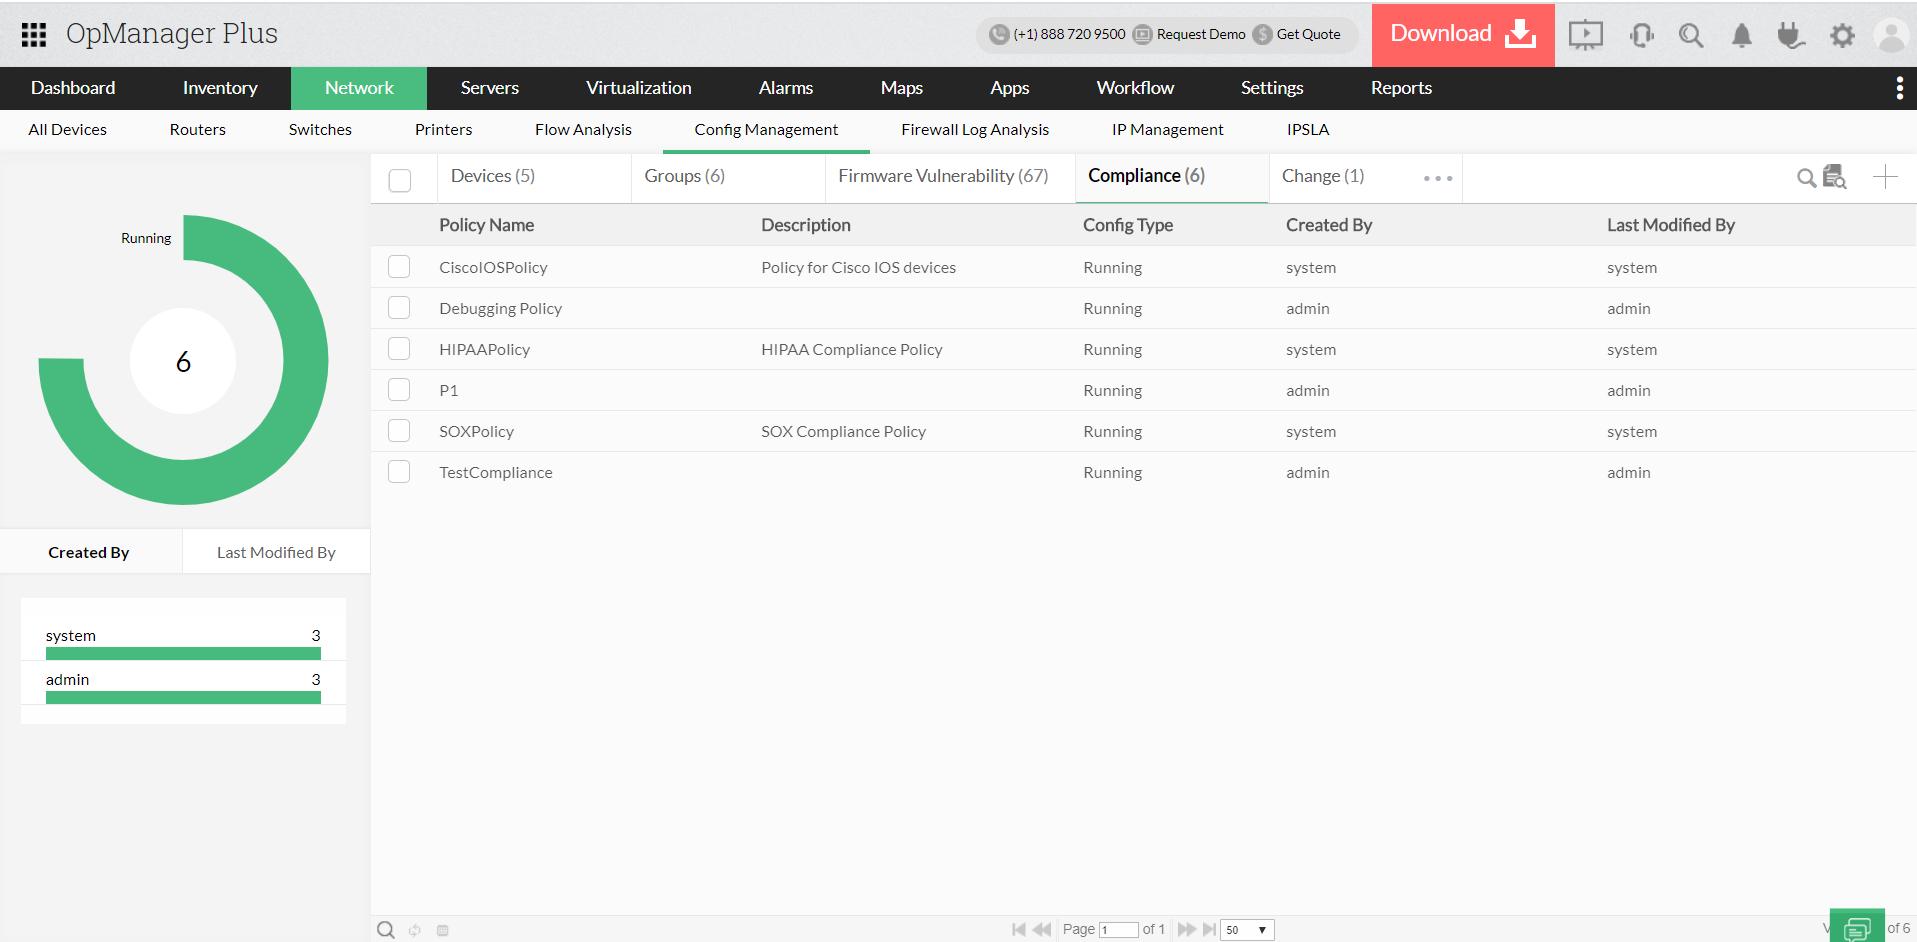 Monitoraggio della conformità - ManageEngine OpManager Plus